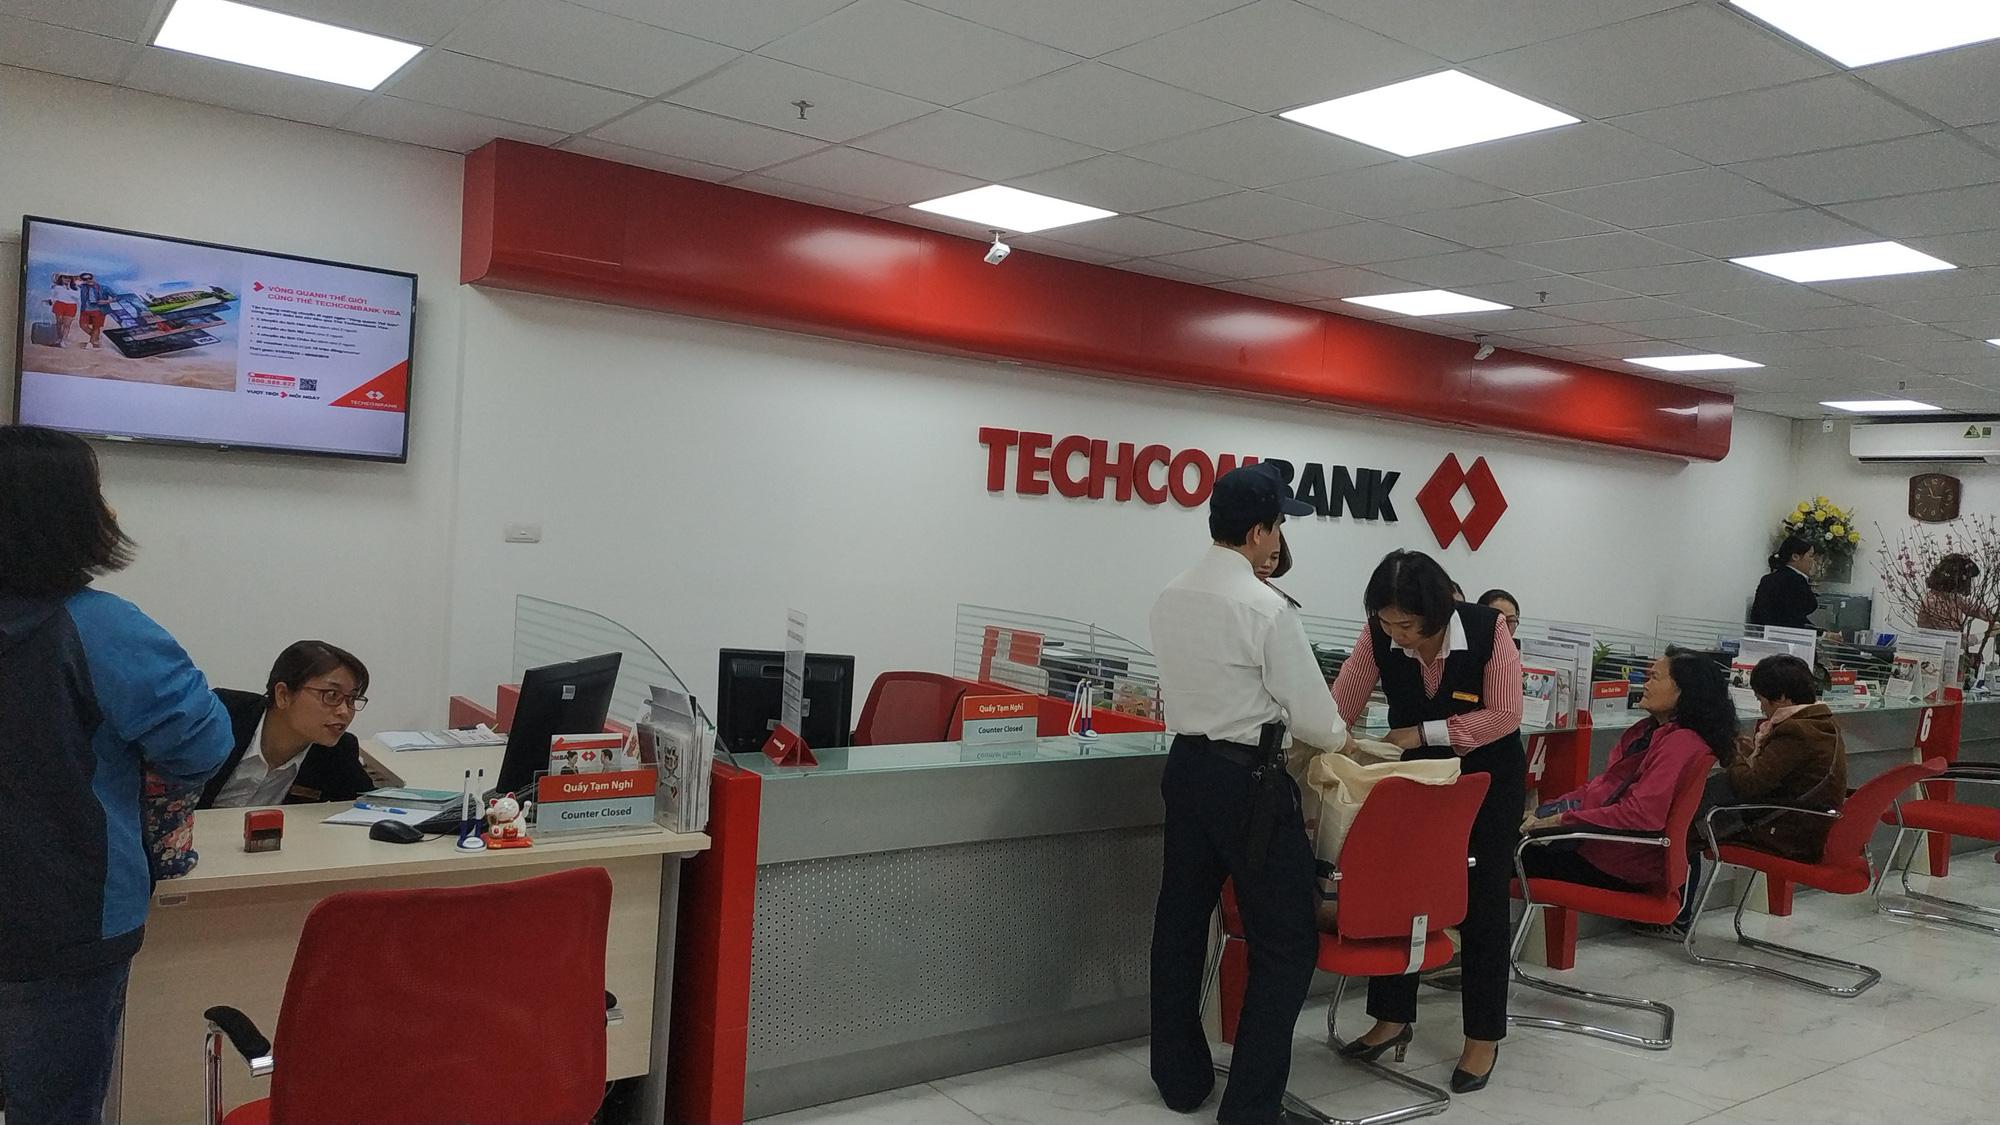 TCB lên đỉnh mới, người nhà lãnh đạo Techcombank muốn bán bớt cổ phiếu - Ảnh 1.